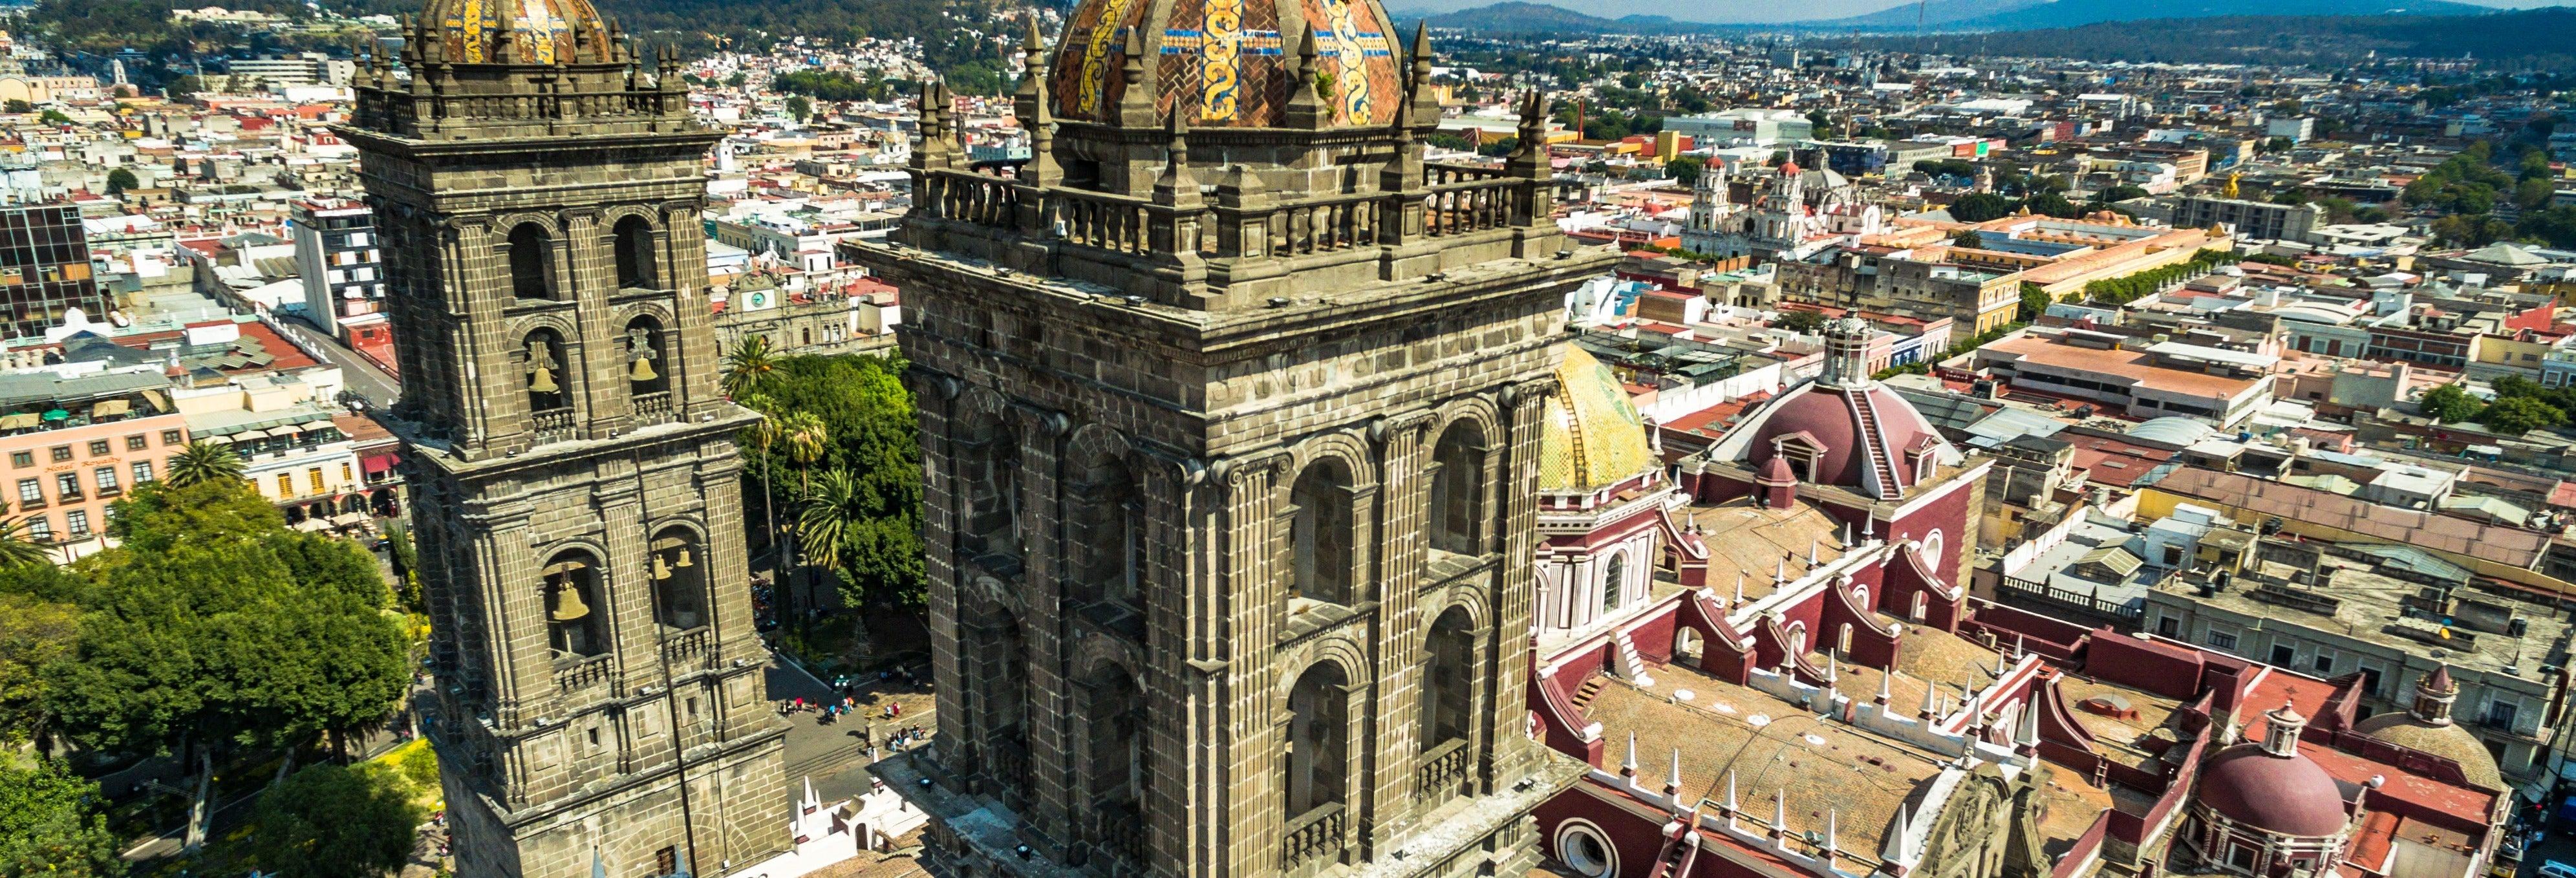 Tour de los misterios y leyendas de Puebla